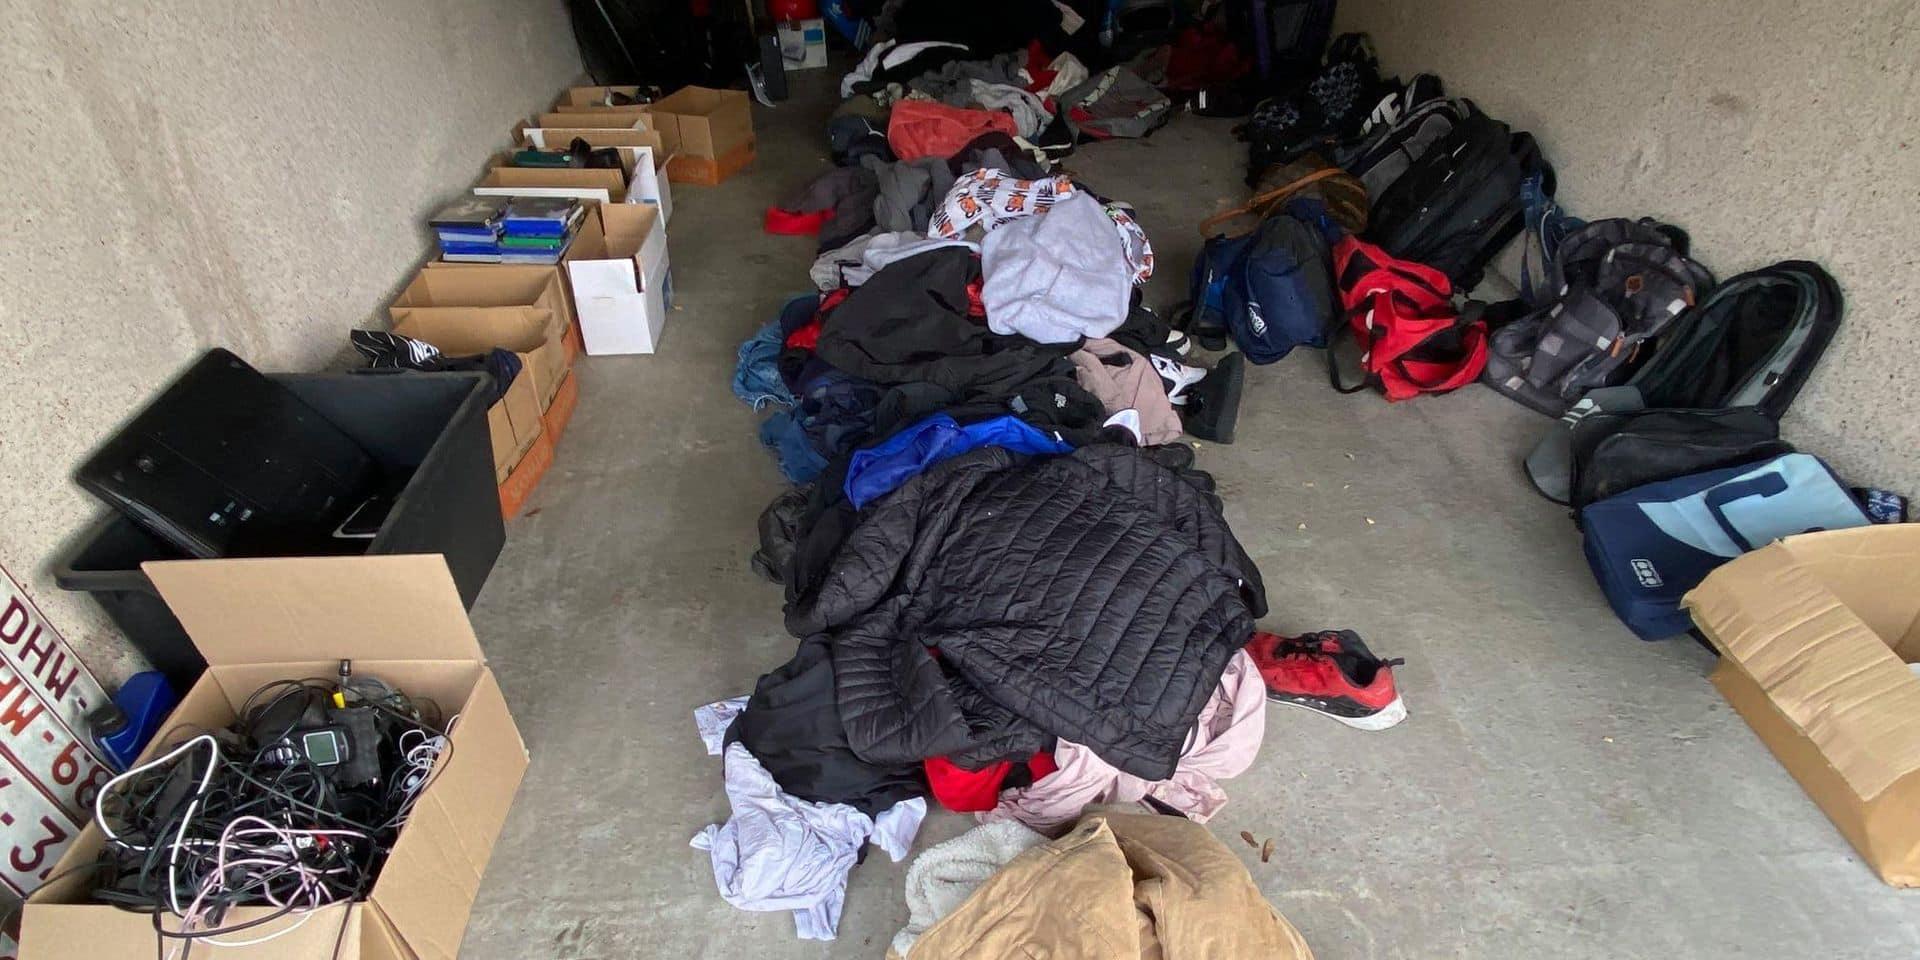 Objets trouvés par la police dans un squat de Grâce-Hollogne : c'est à vous ?